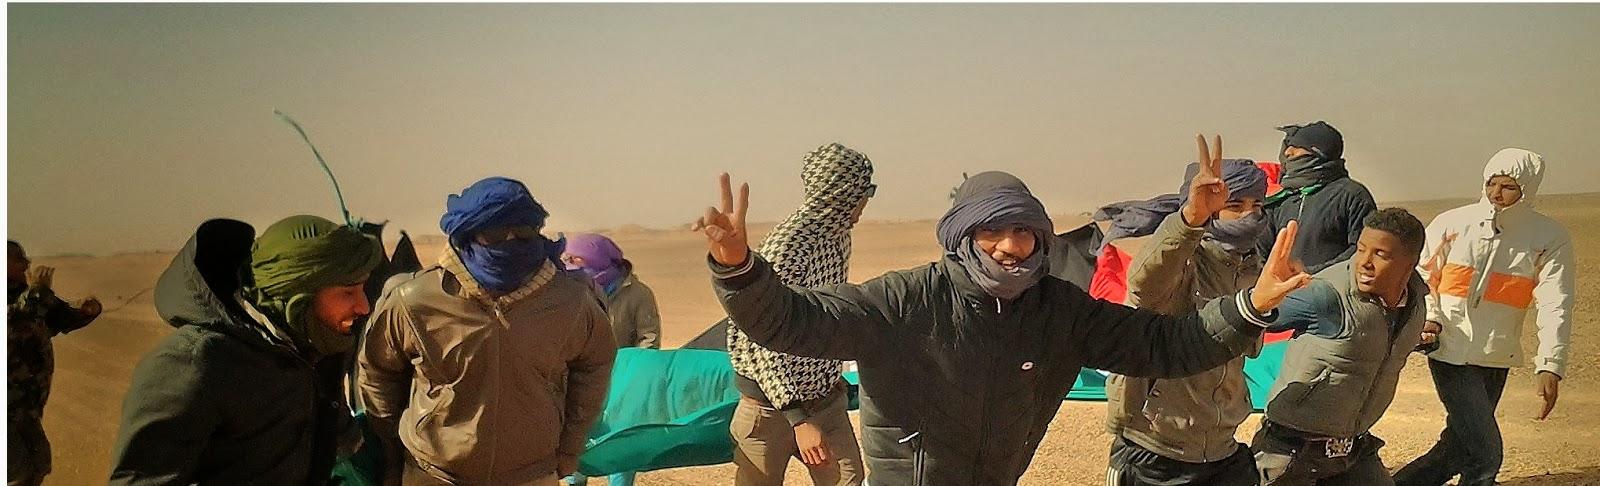 Jóvenes saharauis protestando contra el muro marroquí